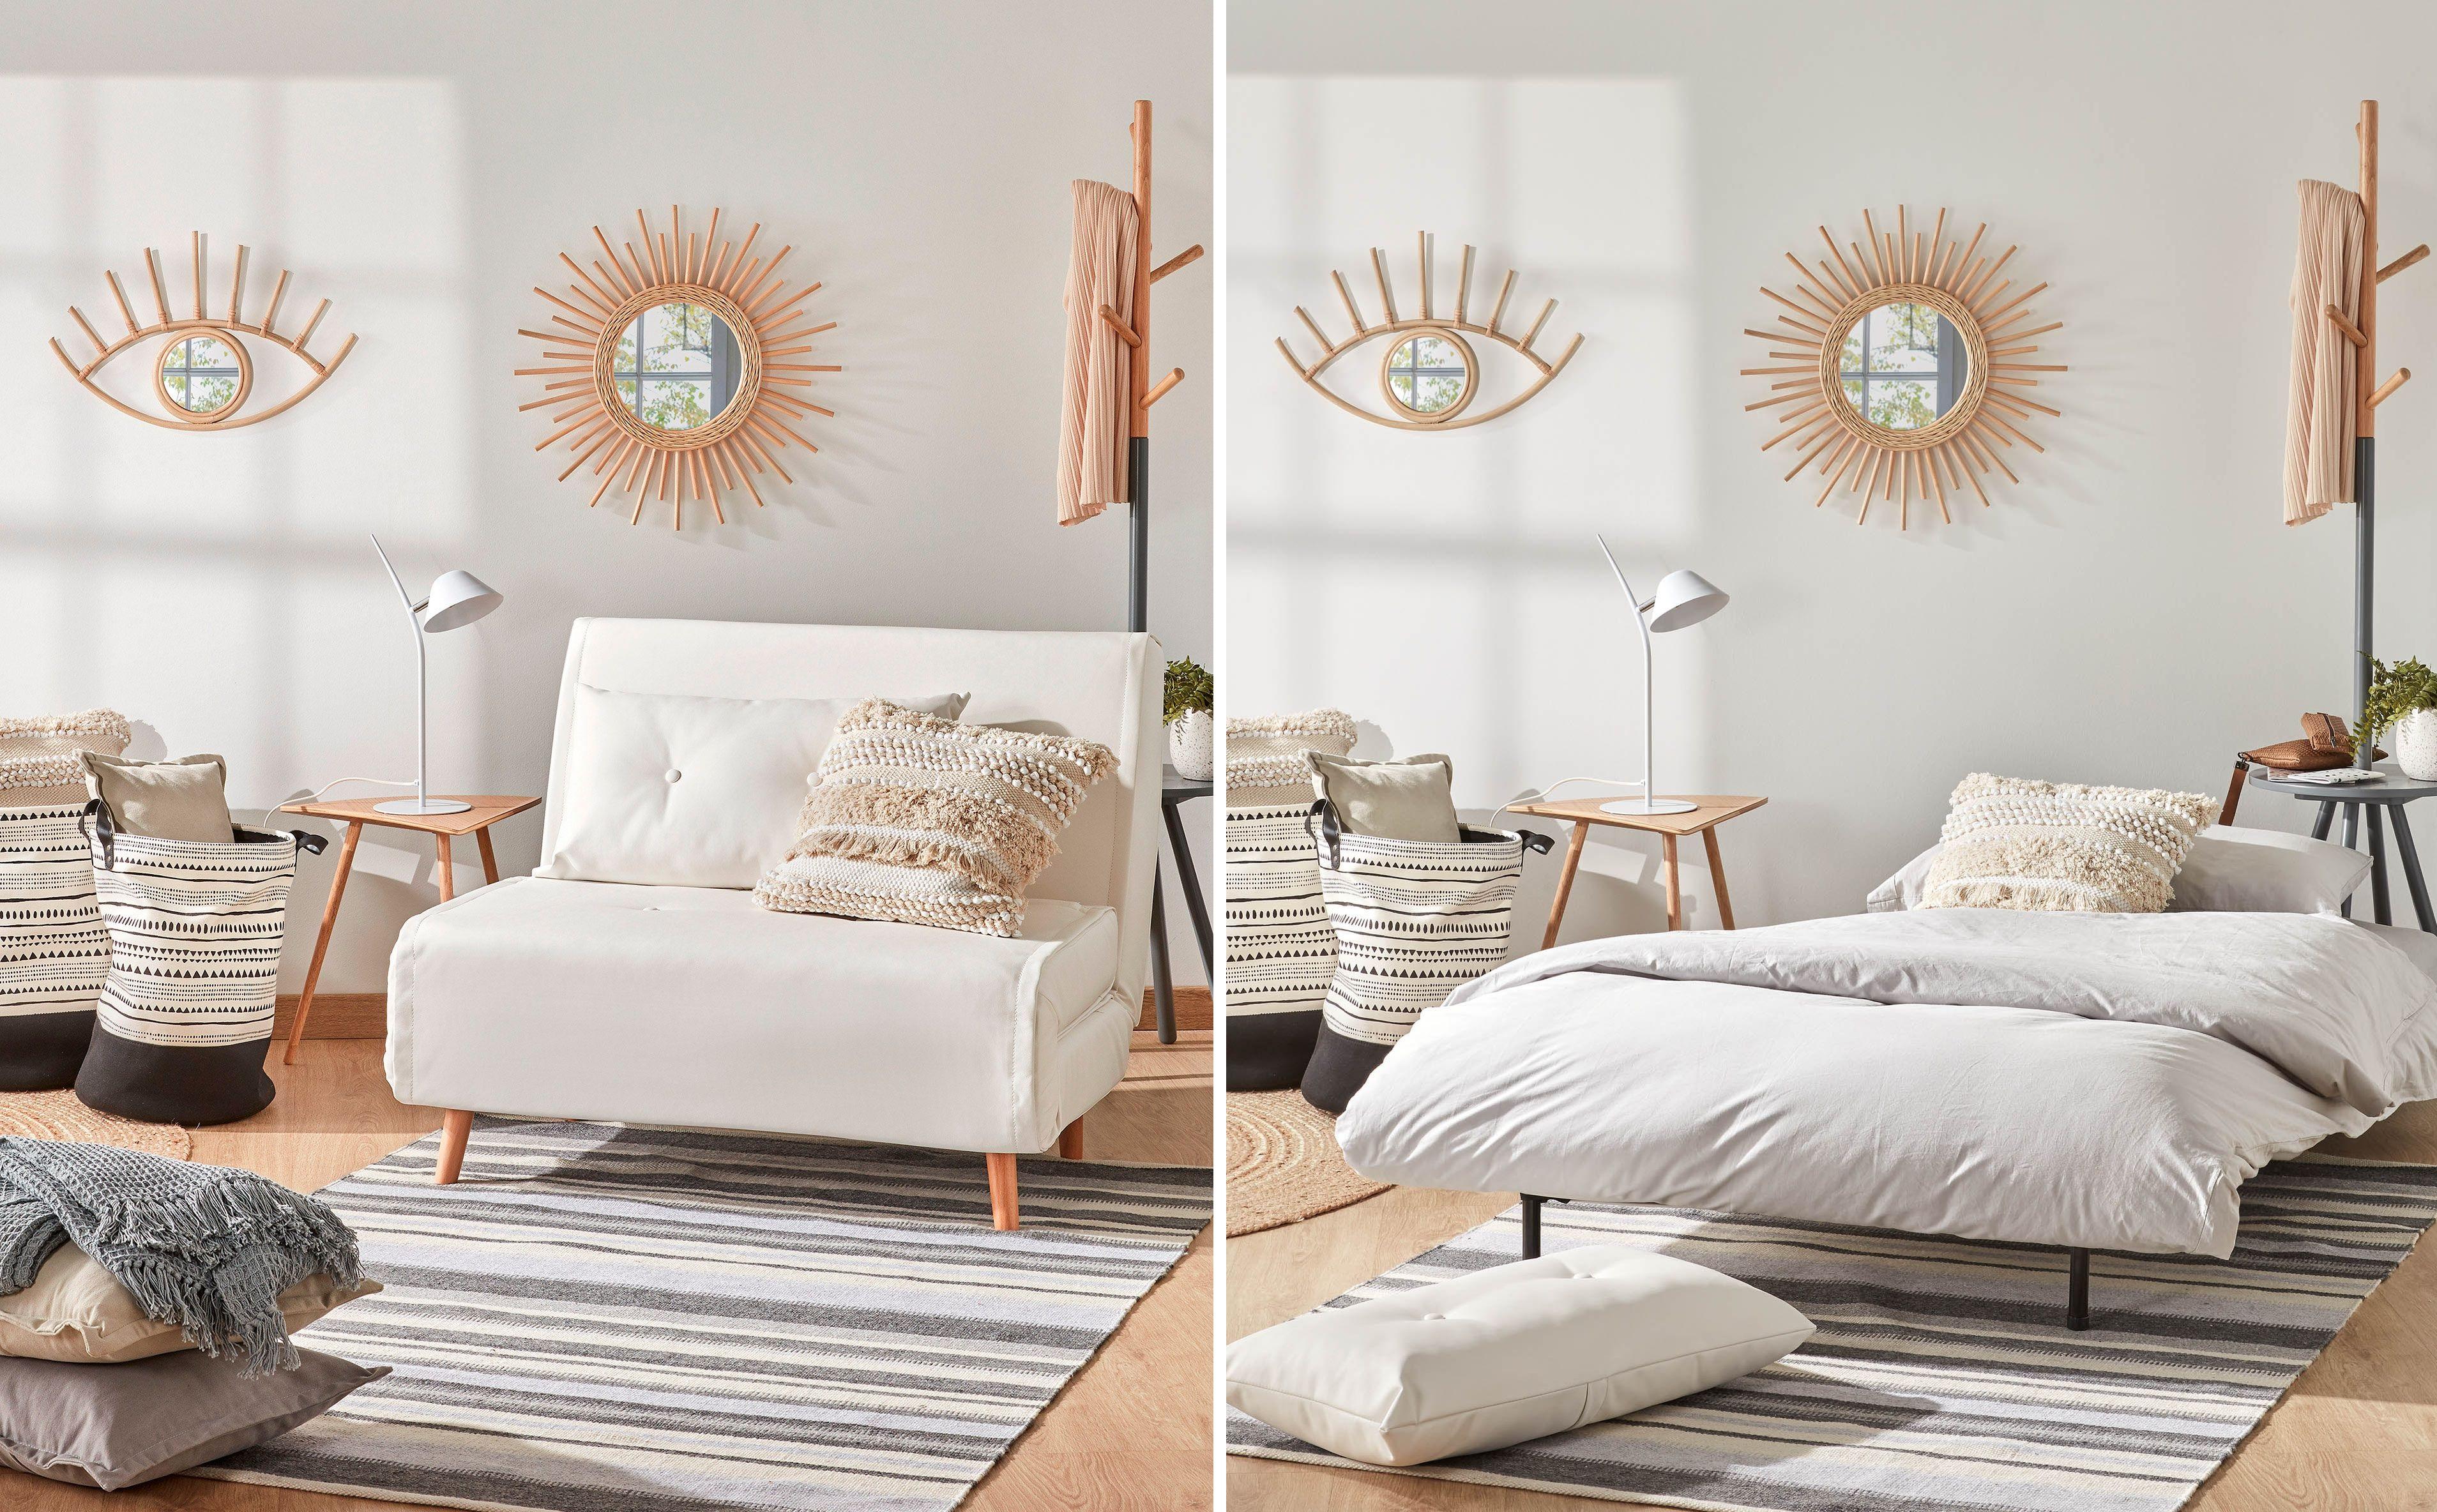 Sofá cama de 105 centímetros